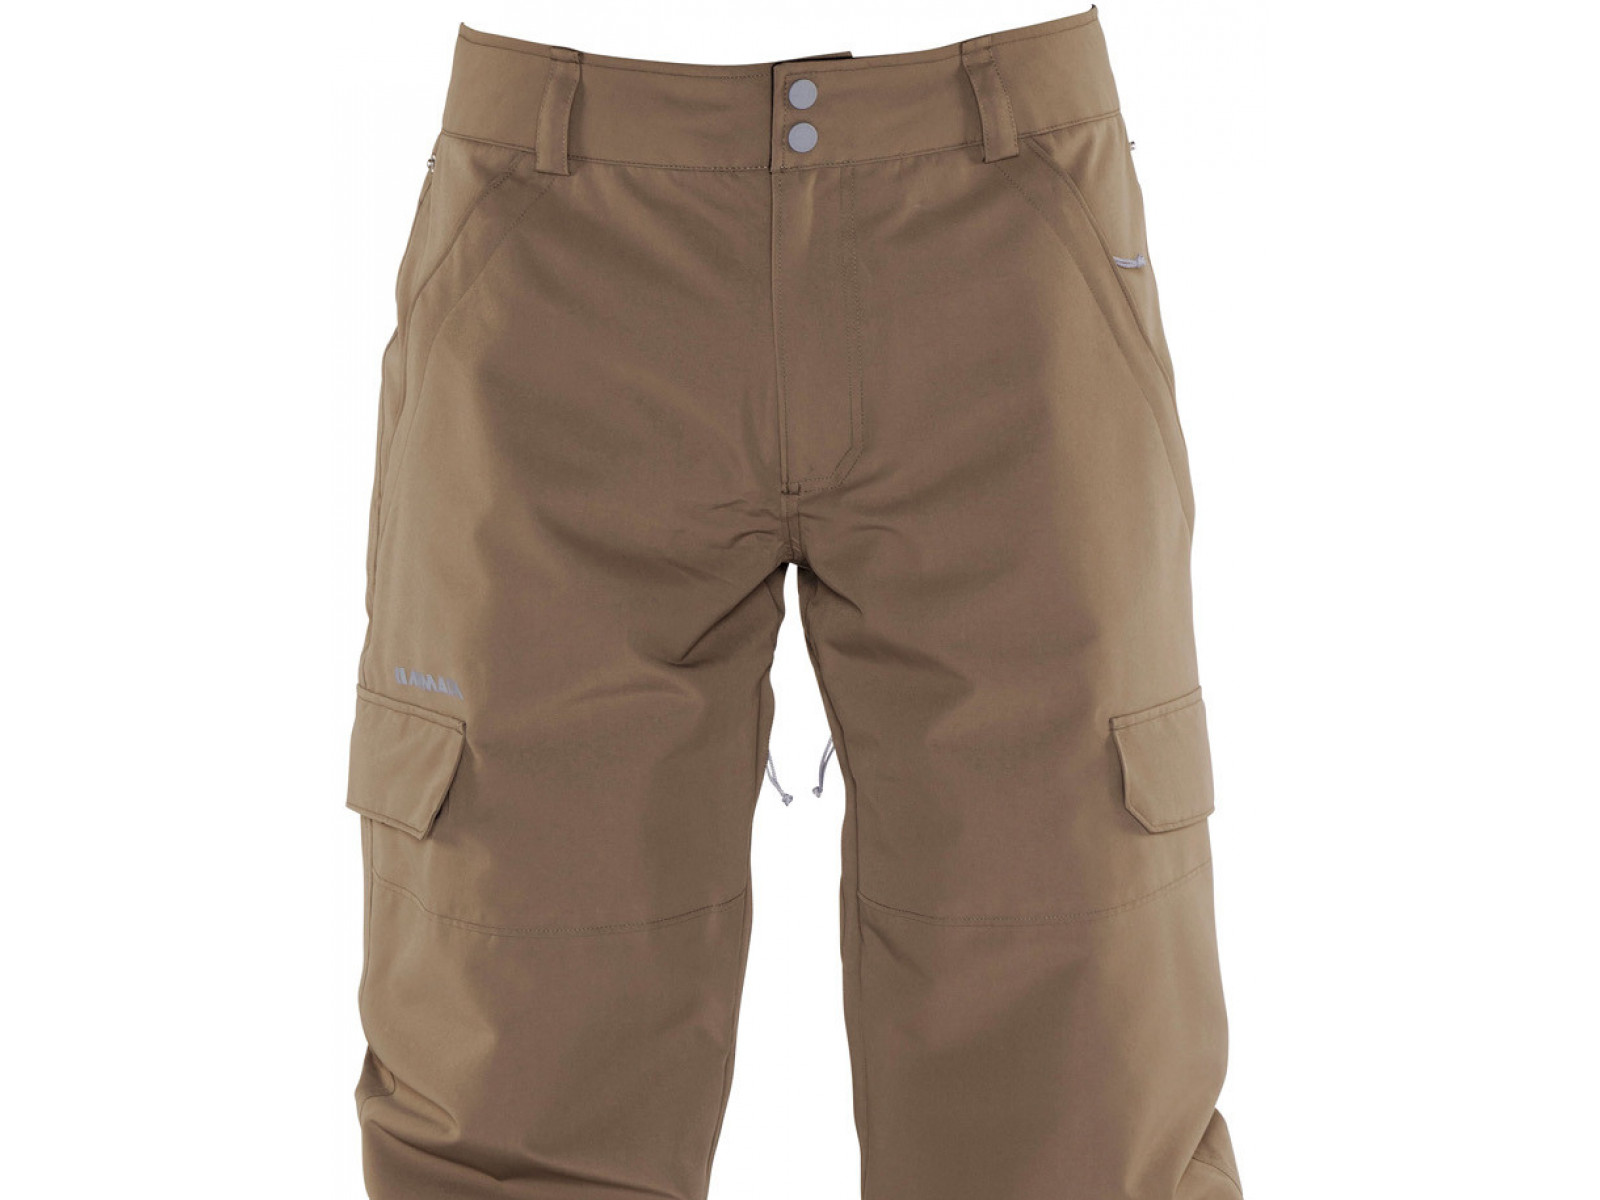 Armada Union Insulted Pant - hnedá Veľkosť oblečenia: XL.